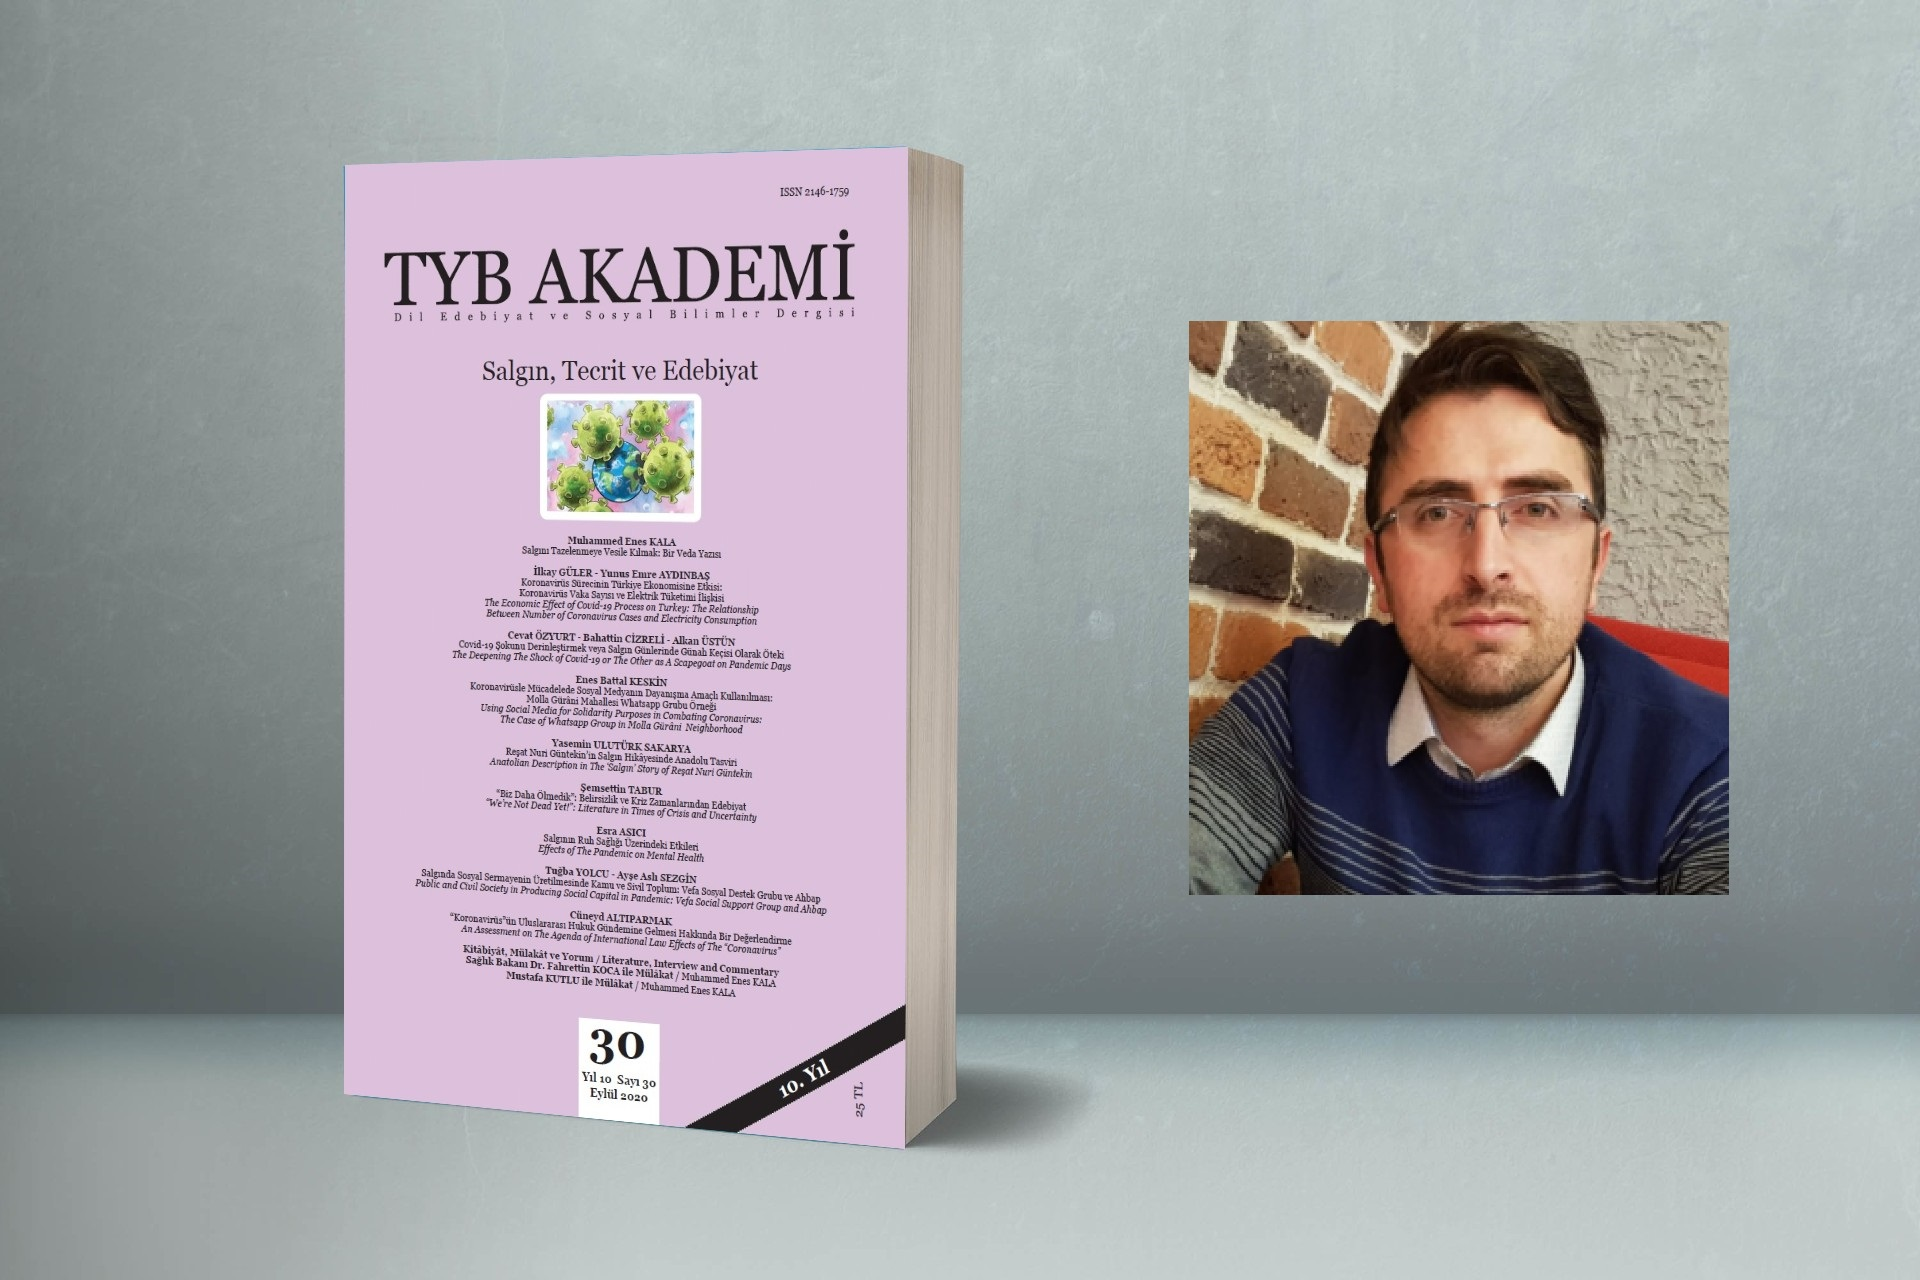 """Şemsettin Tabur: """"Henüz Ölmedik"""": Belirsizlik ve Kriz Zamanlarından Edebiyat"""